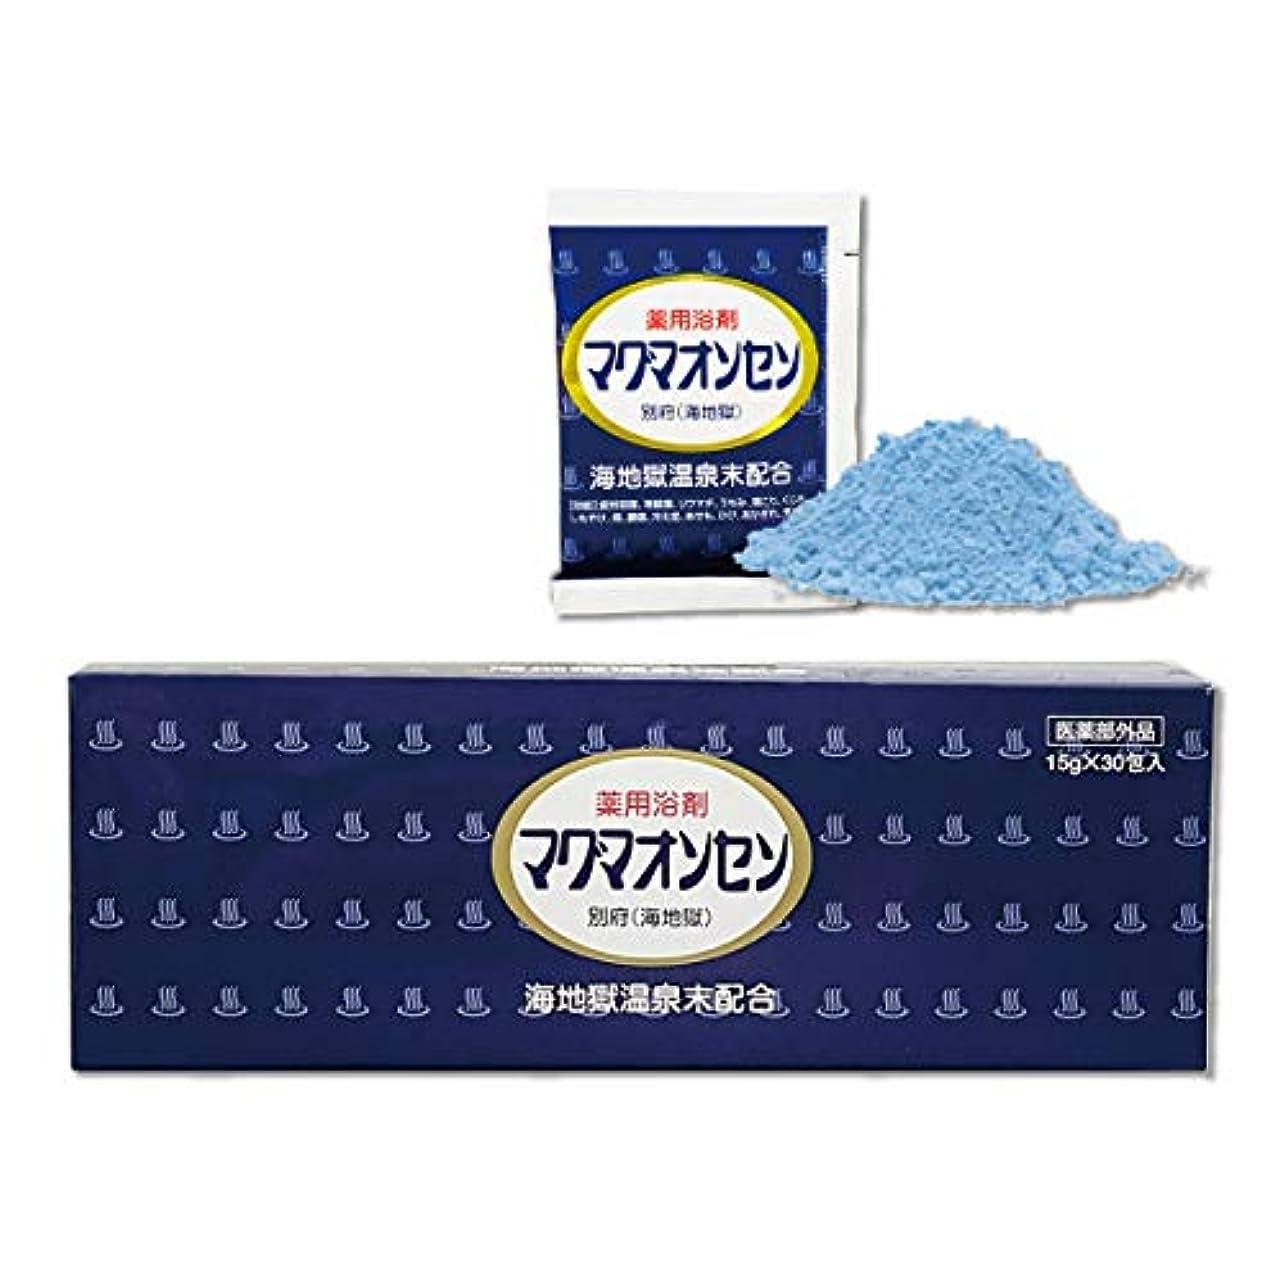 微妙抗議酒薬用浴剤 マグマオンセン 別府(海地獄)15g×30包入 (医薬部外品)